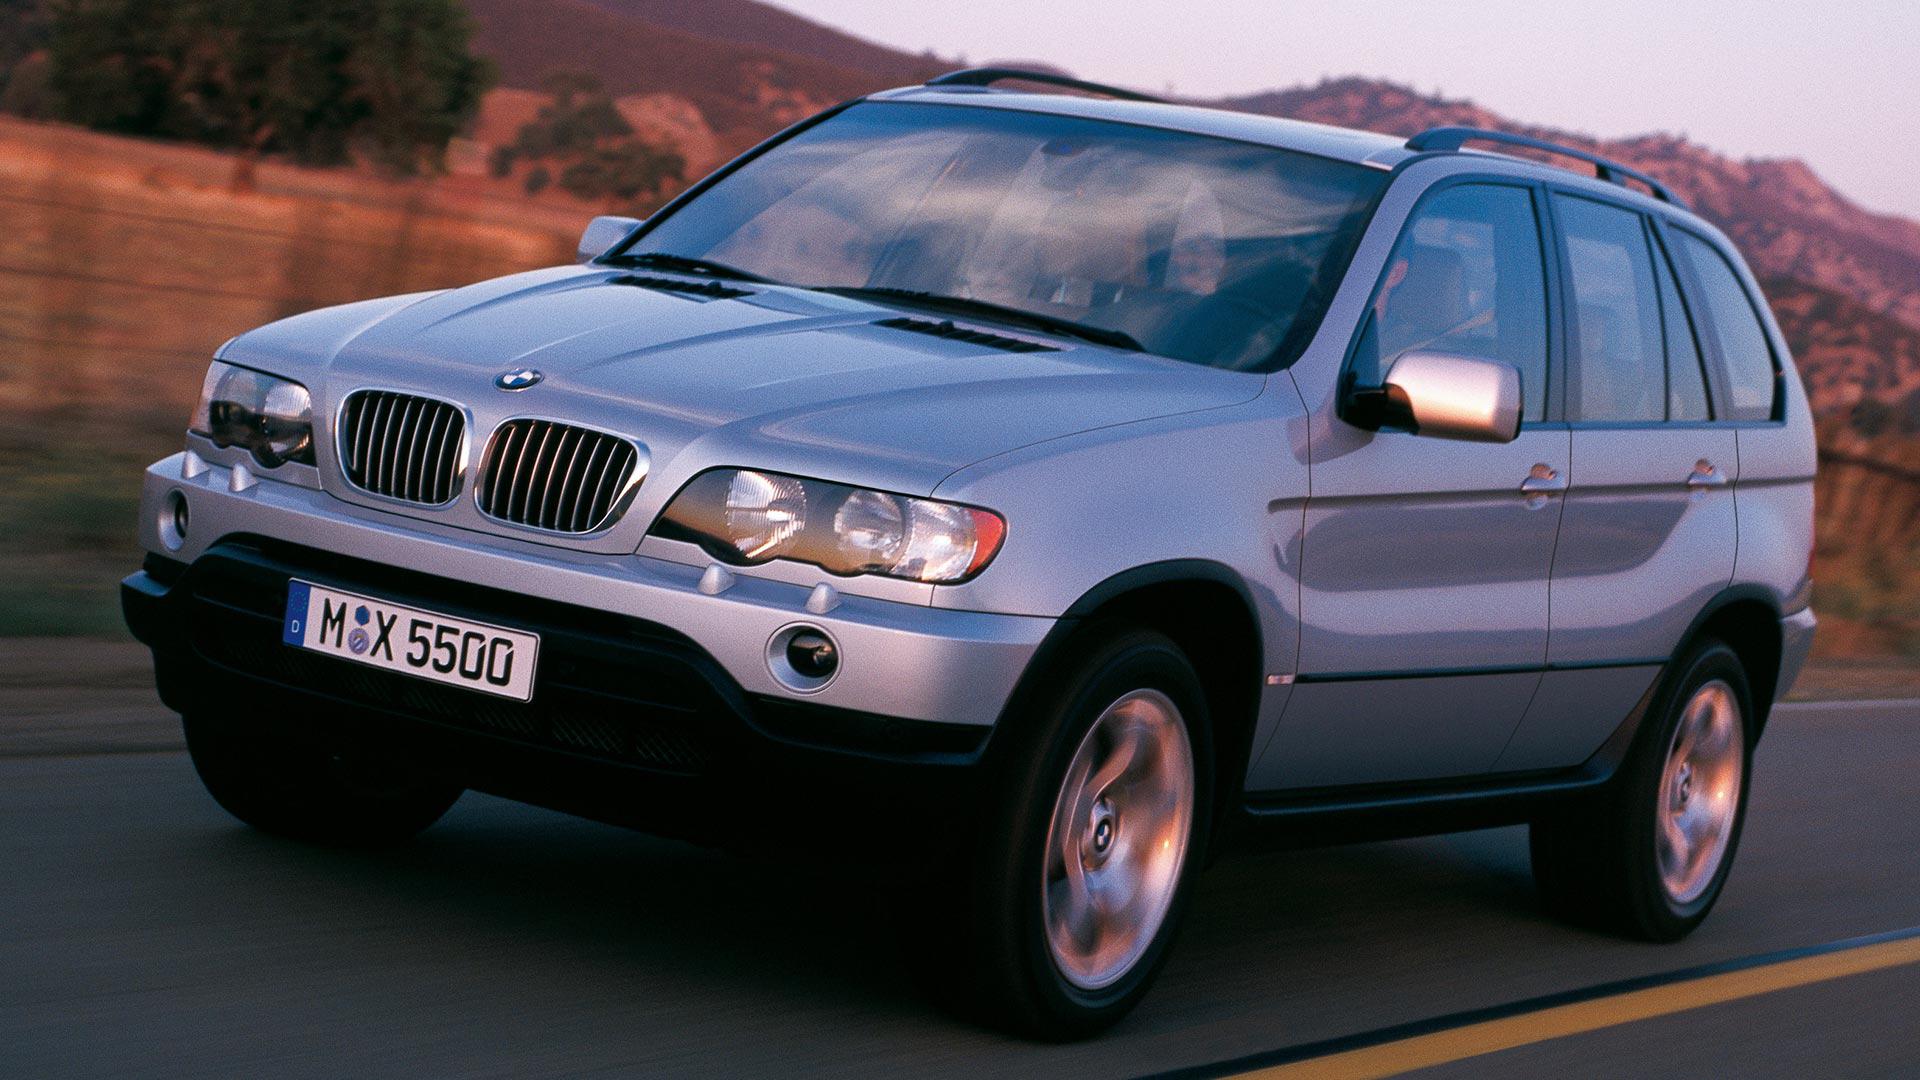 2000 E53 BMW X5